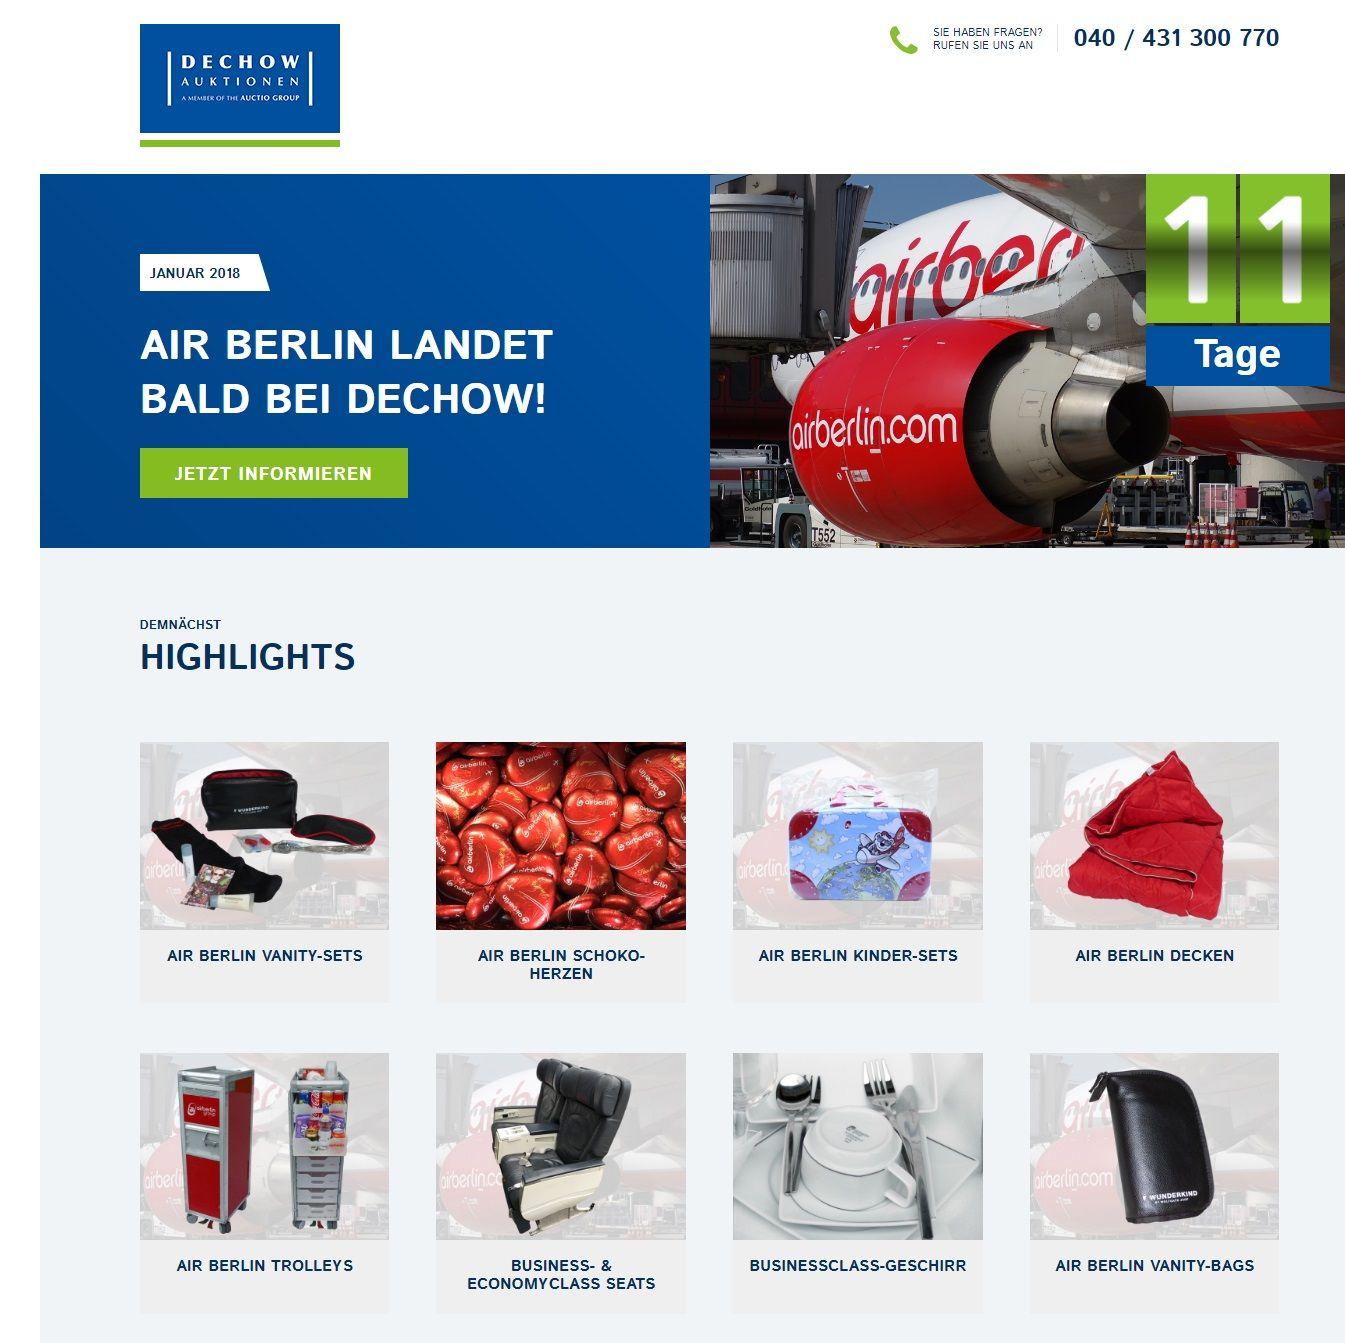 El inventario de Air Berlin